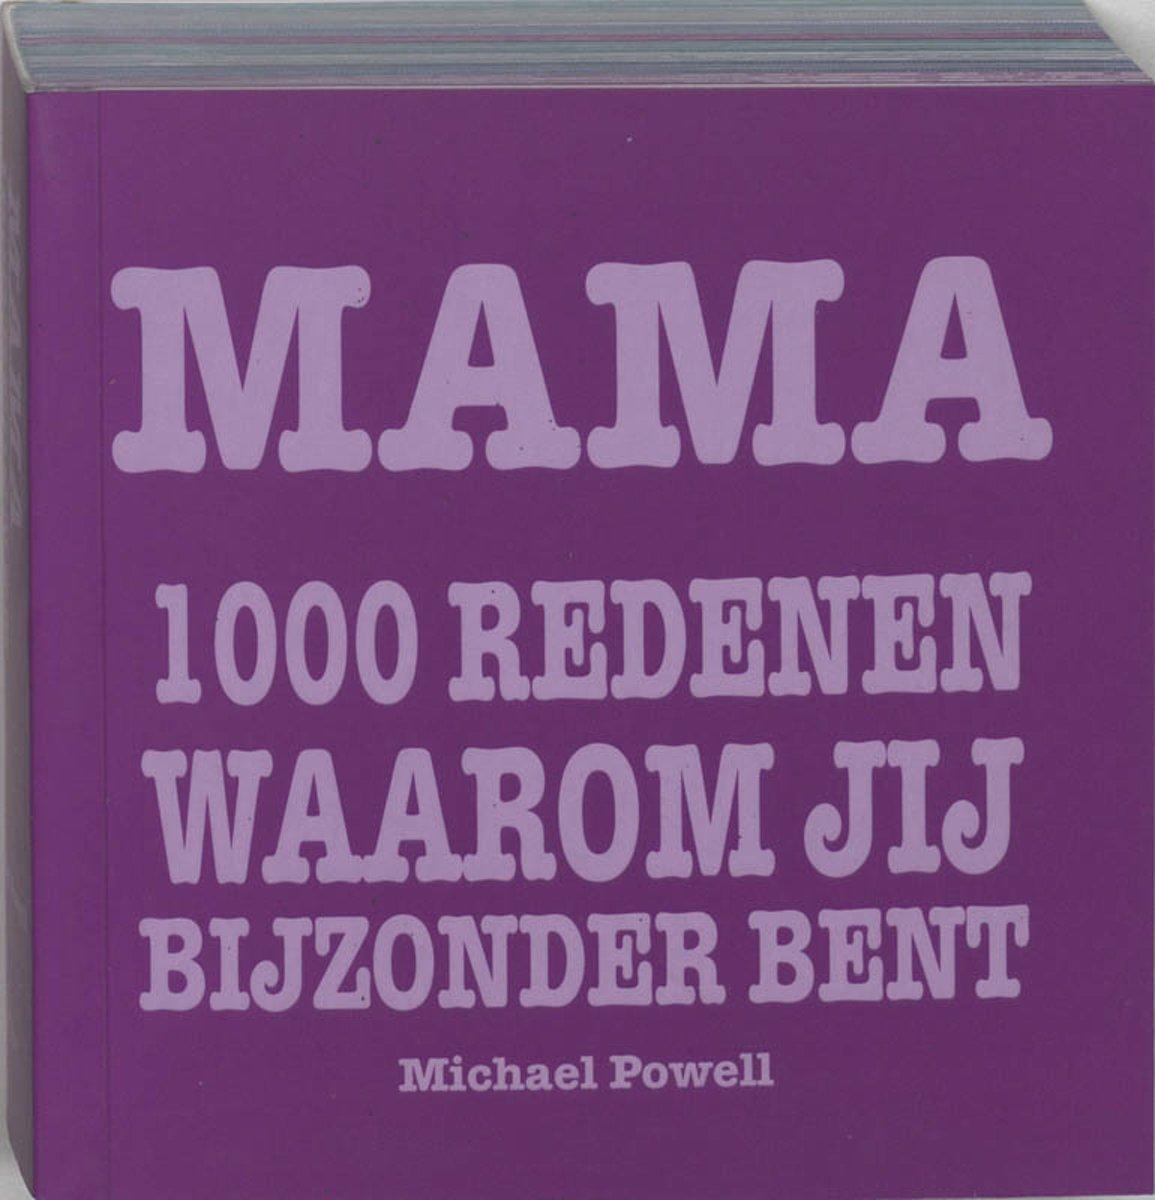 bol.com | Mama 1000 redenen waarom jij bijzonder bent, M. Powell |  9789045307510 | Boeken